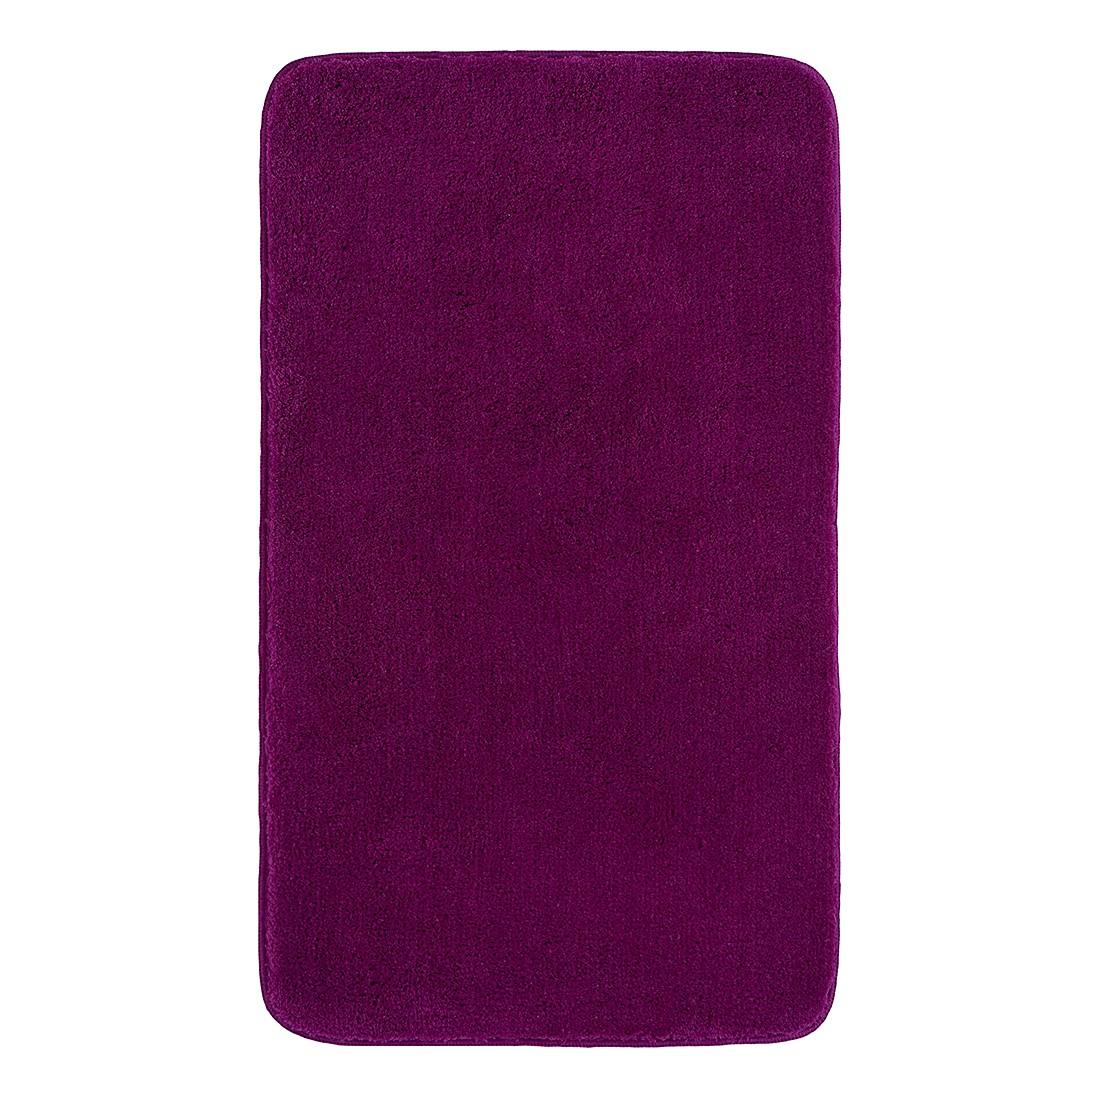 Badteppich Comfort – Purpur – Größe: 150 x 80 cm, Grund bestellen